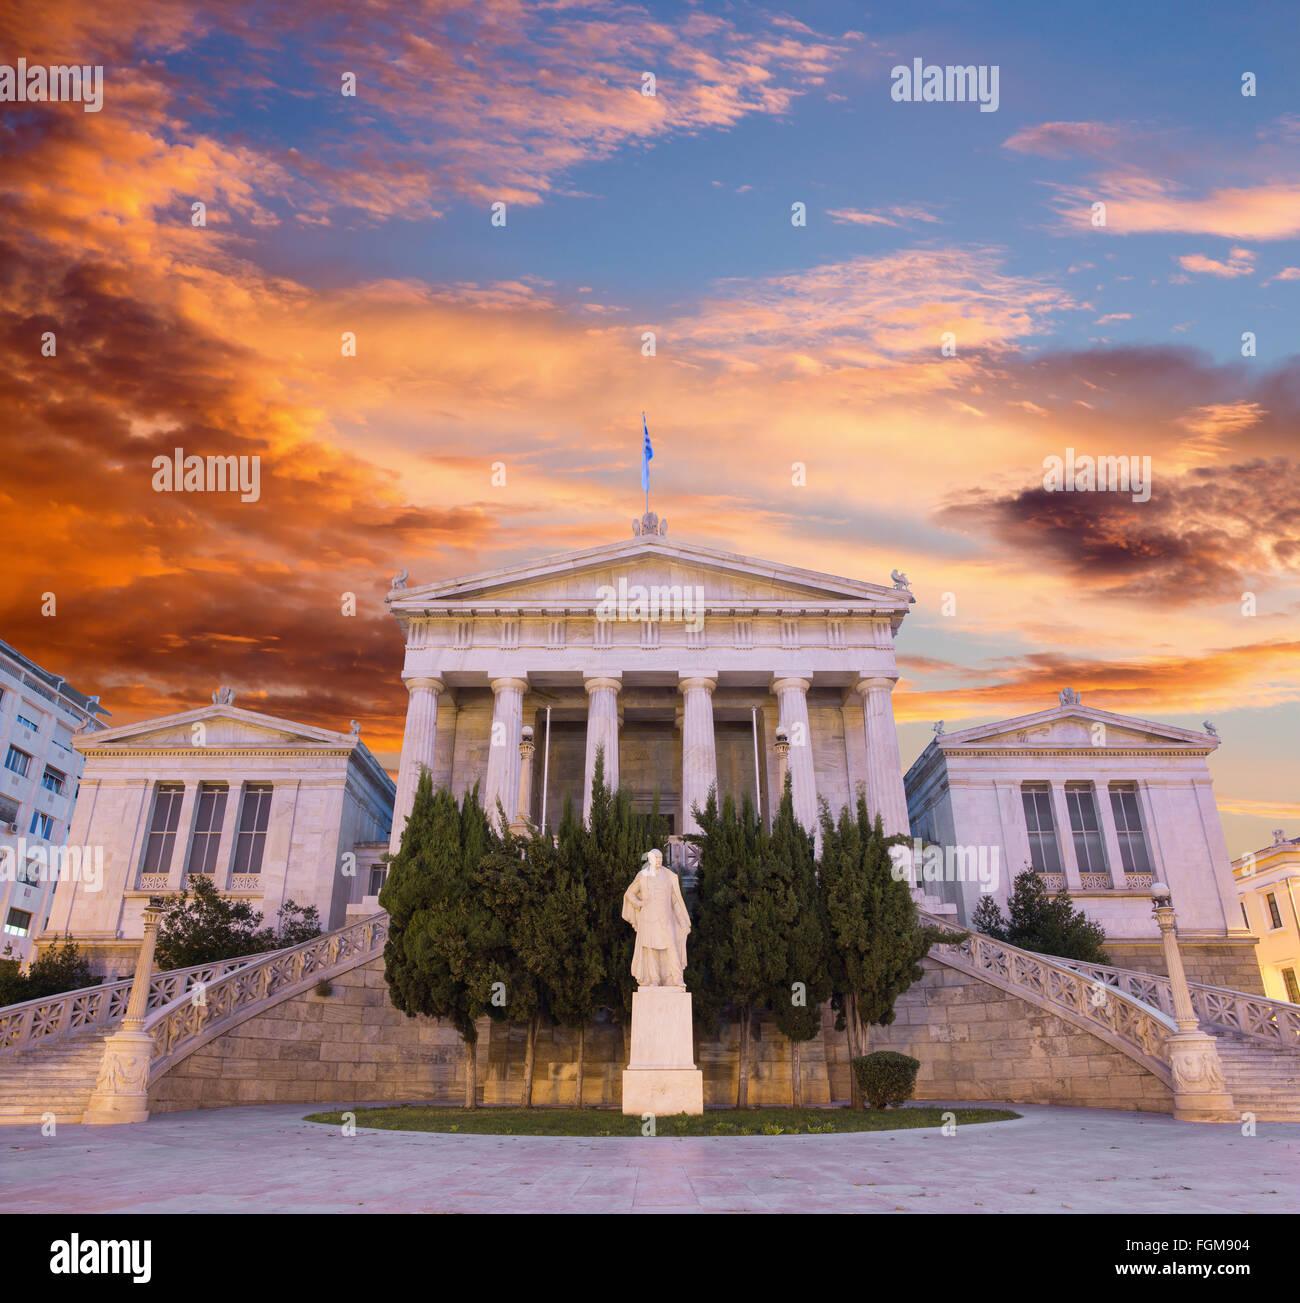 Atene - La costruzione della Nazionale e università Kapodistrian di Atene al crepuscolo Immagini Stock